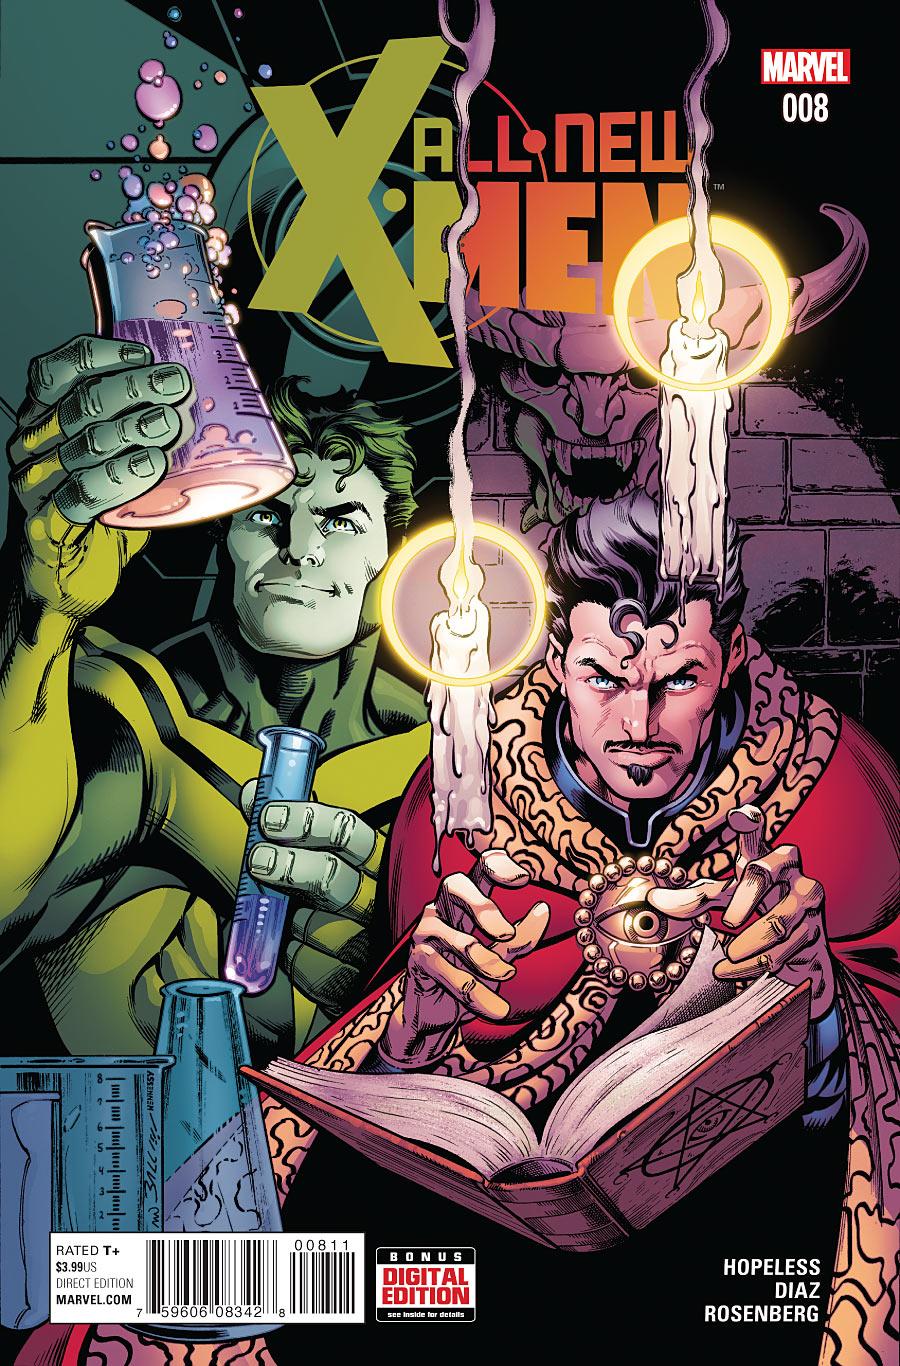 All-New X-Men #8